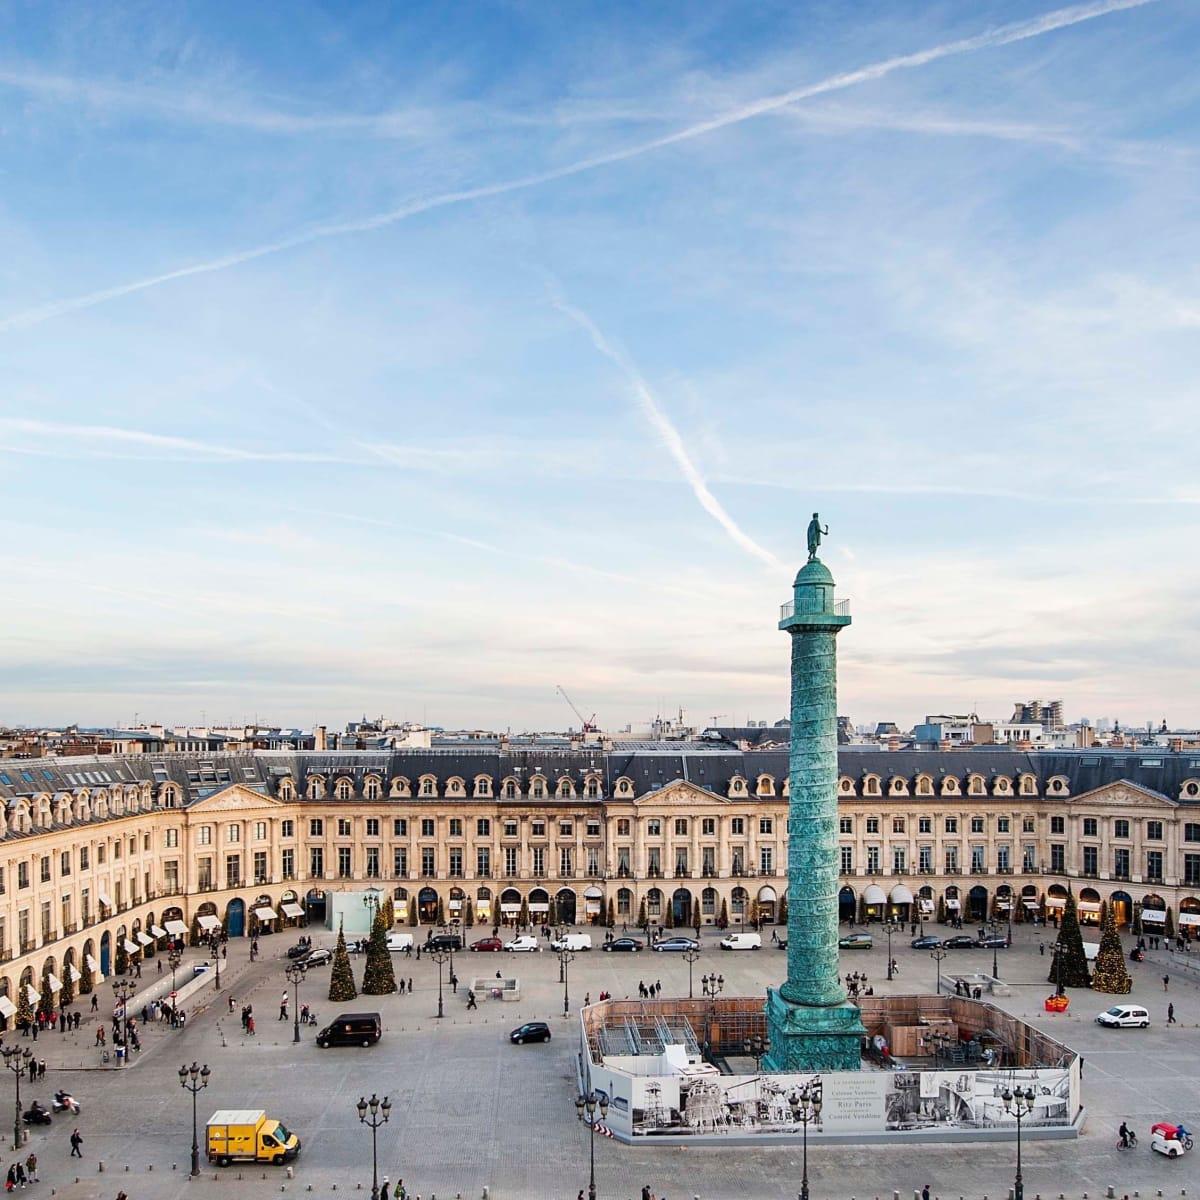 News, Ritz Hotel Paris, Place Vendome, Jan. 2016